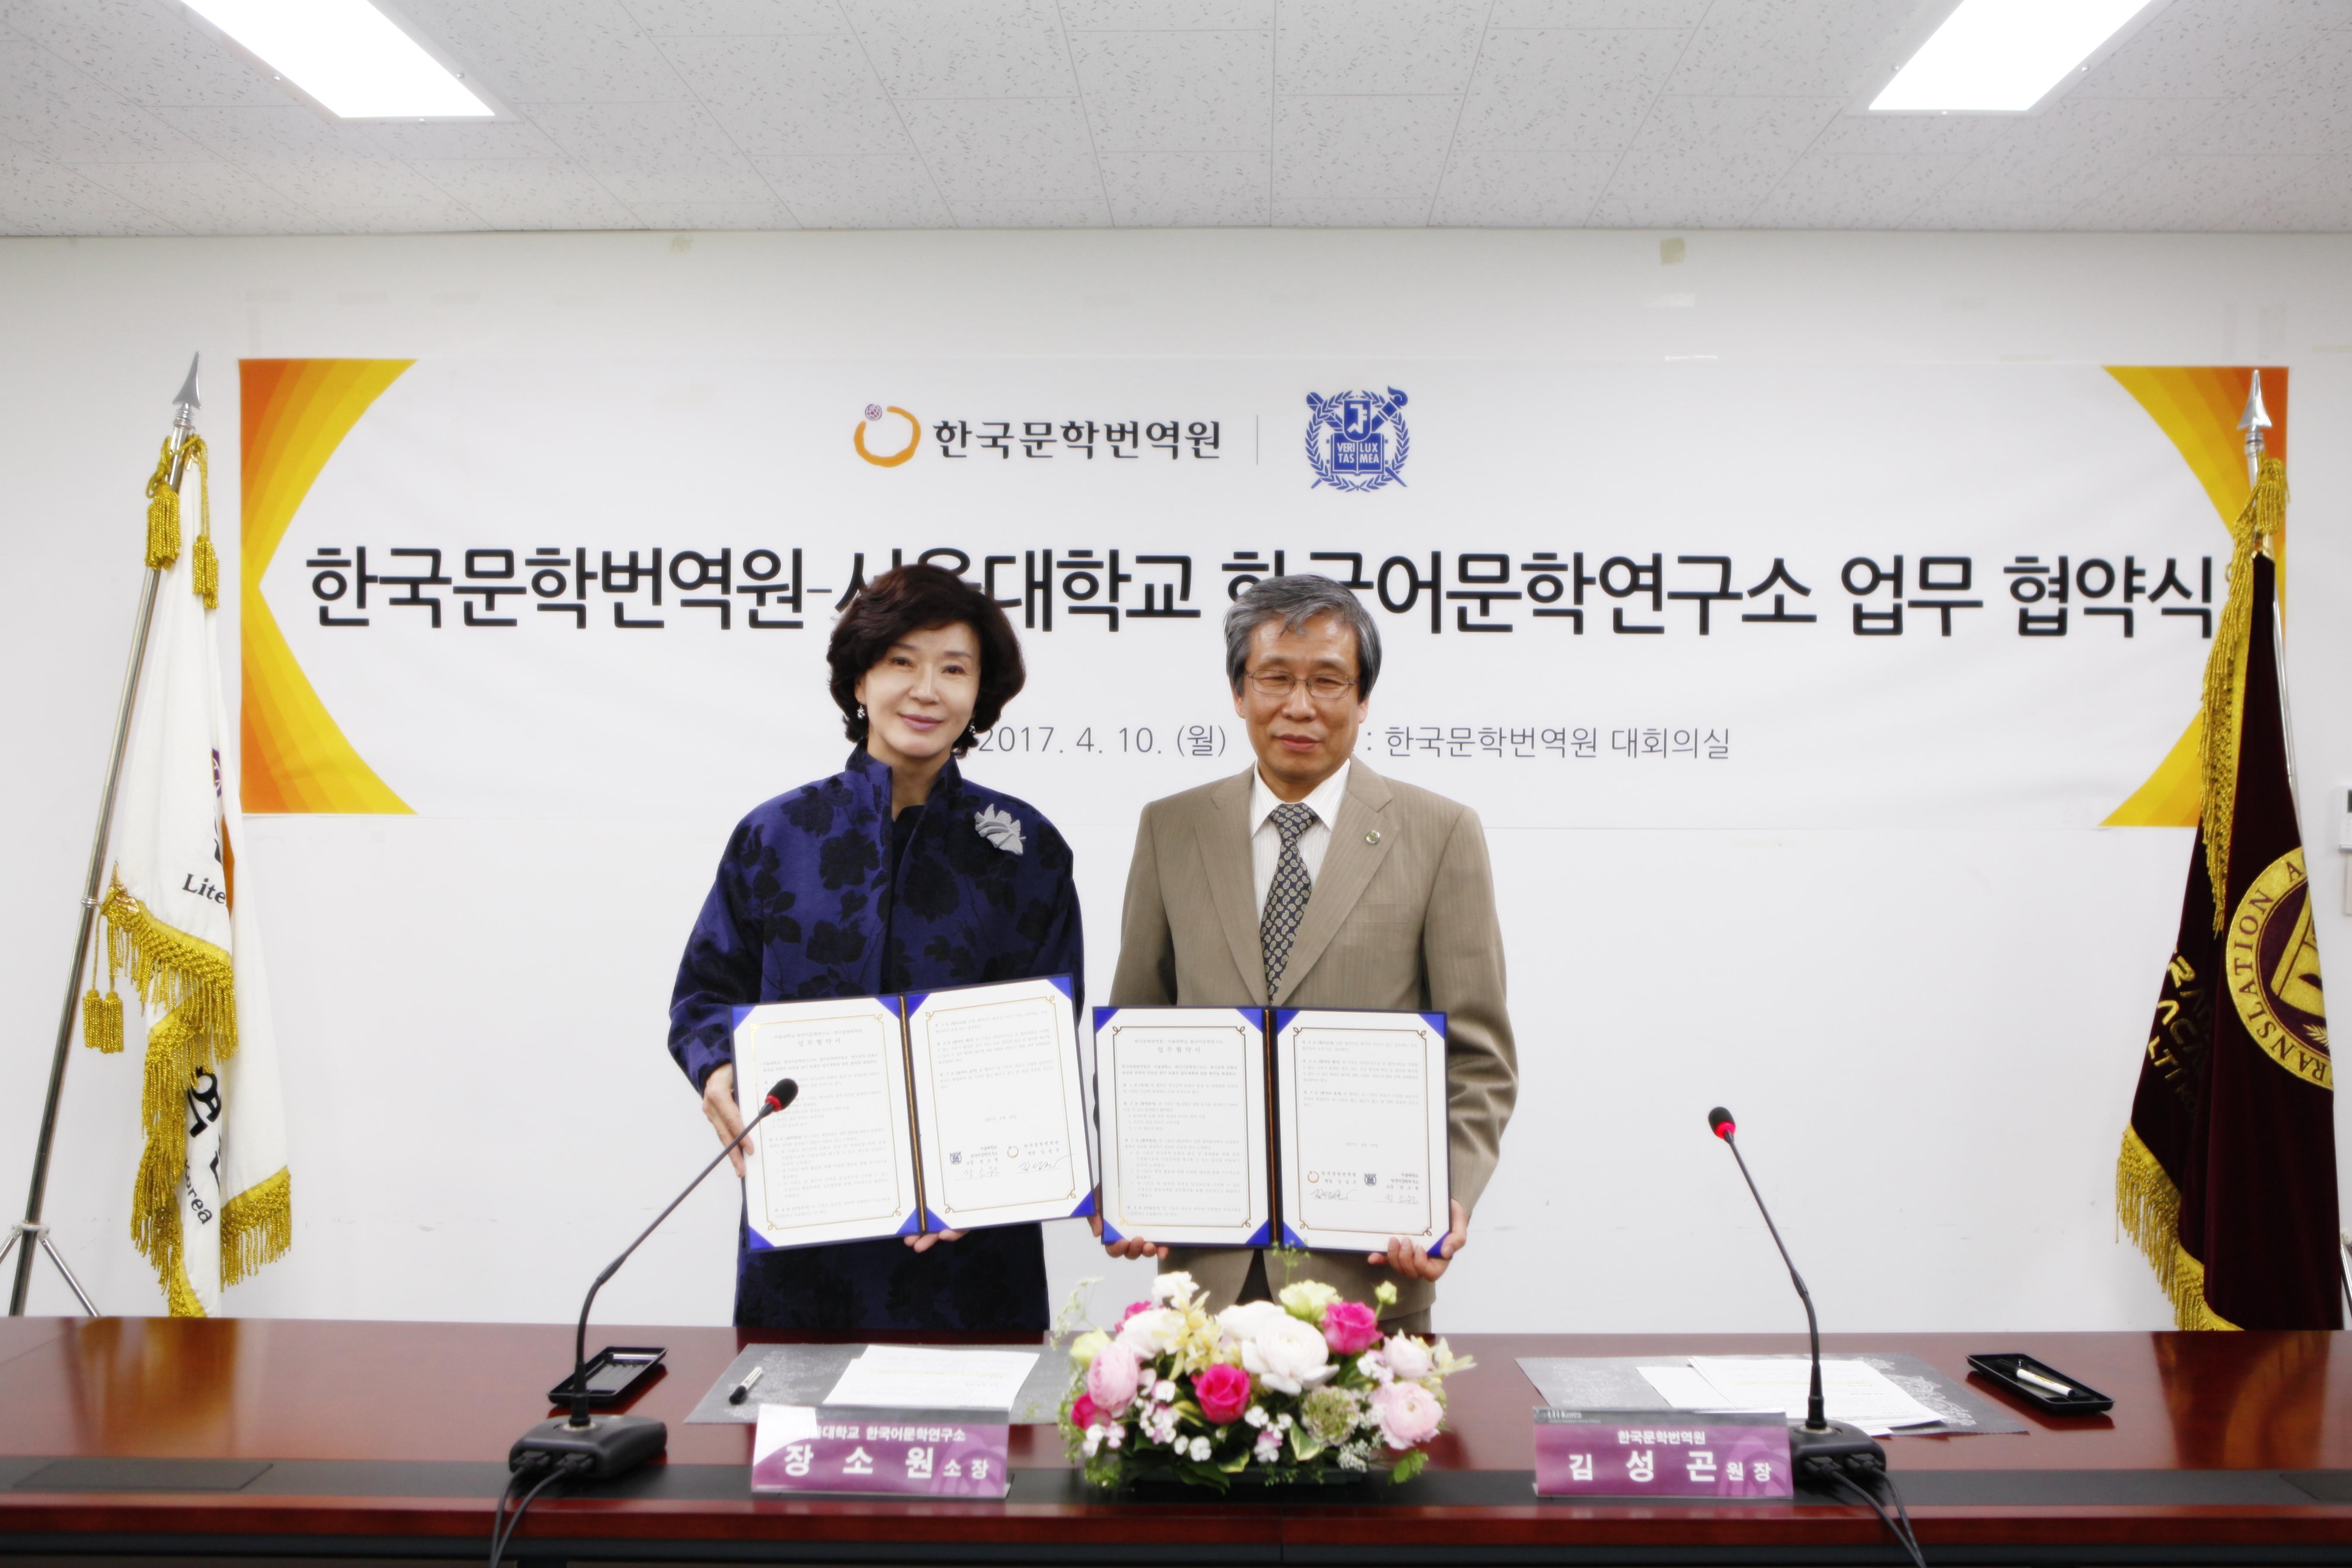 한국어문학연구소-한국문학번역원 업무협약(MOU) 체결